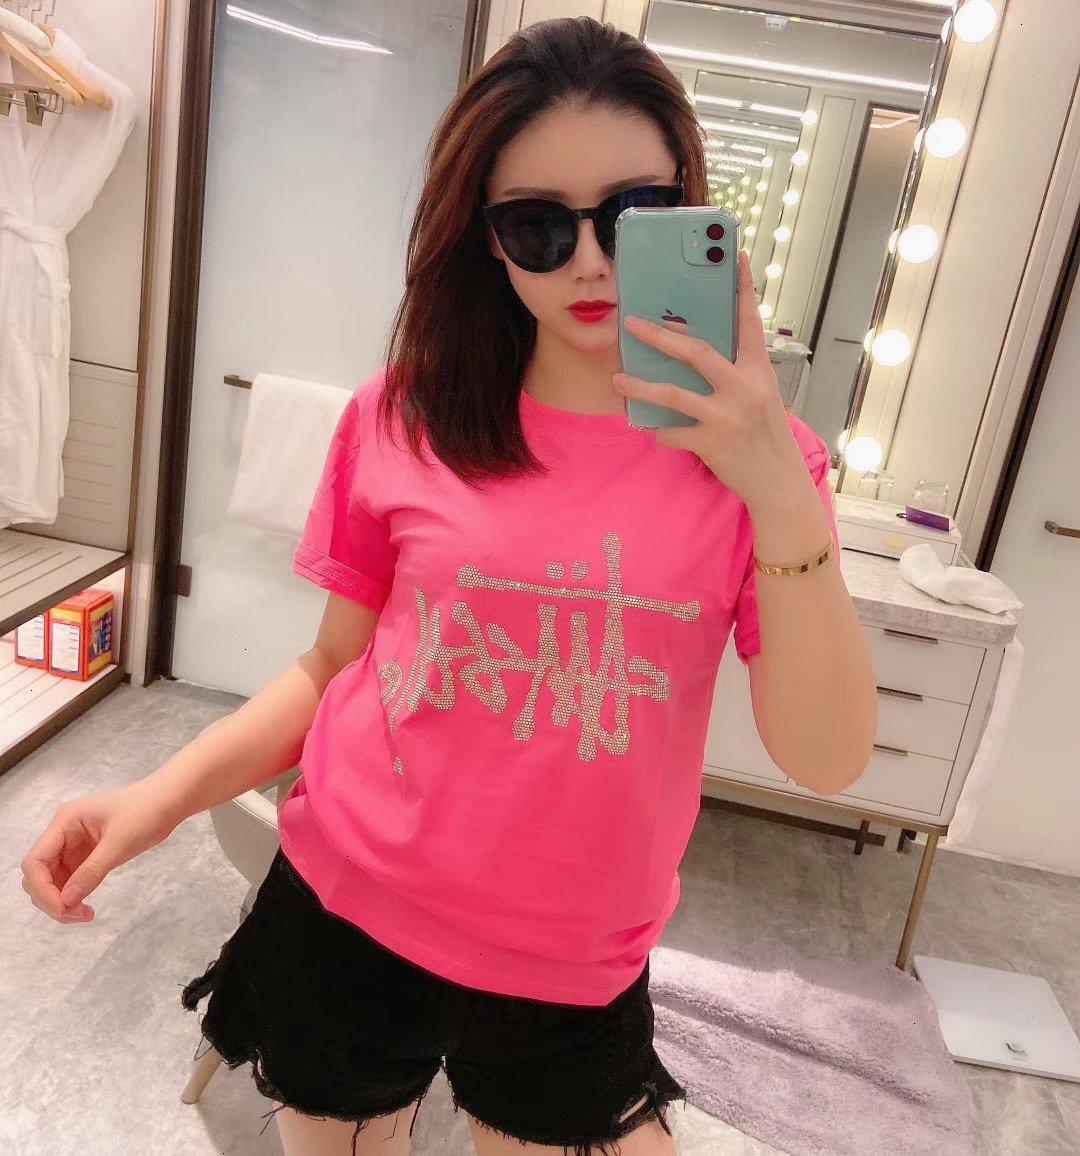 Frauen T-Shirt beiläufige Art und Weise T-Shirt Größe M L bequeme warm WSJ000 # 112568 wzk522